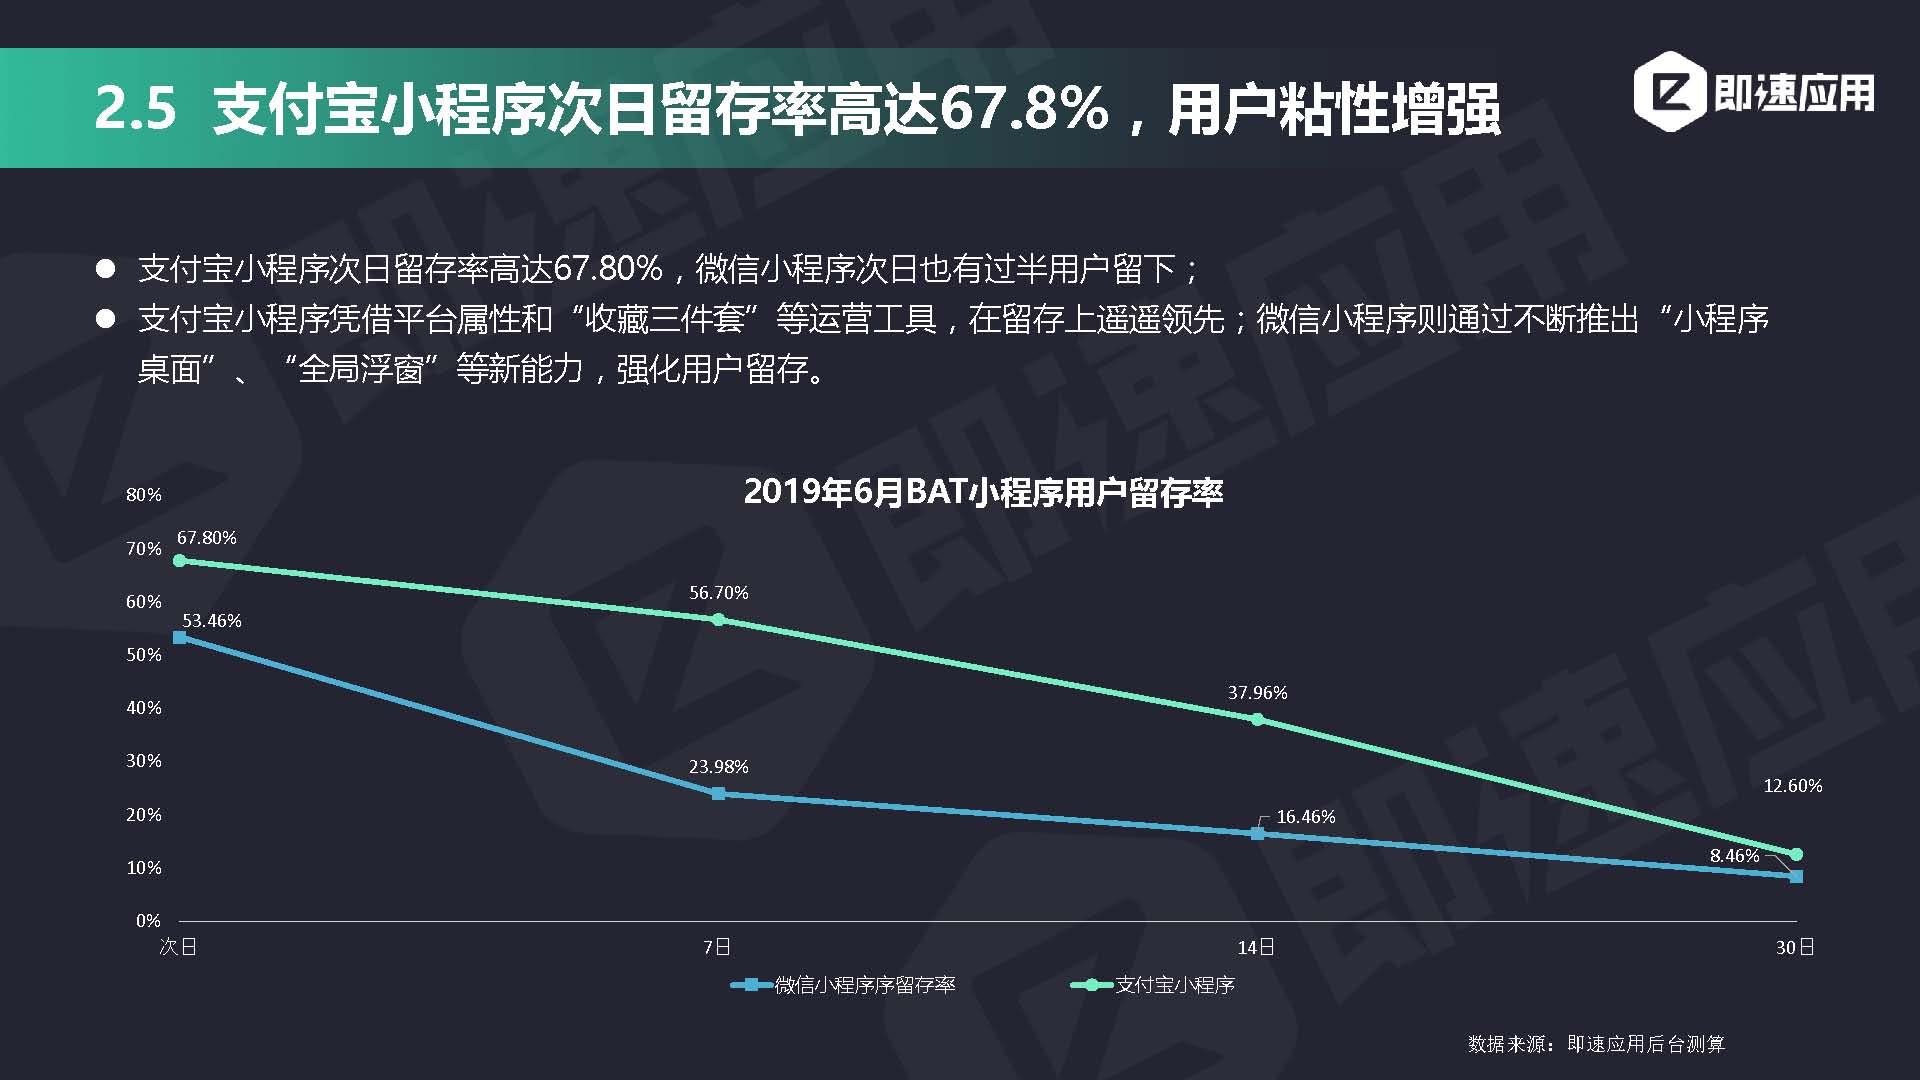 即速应用2019年小程序行业年中增长研究报告_页面_23.jpg